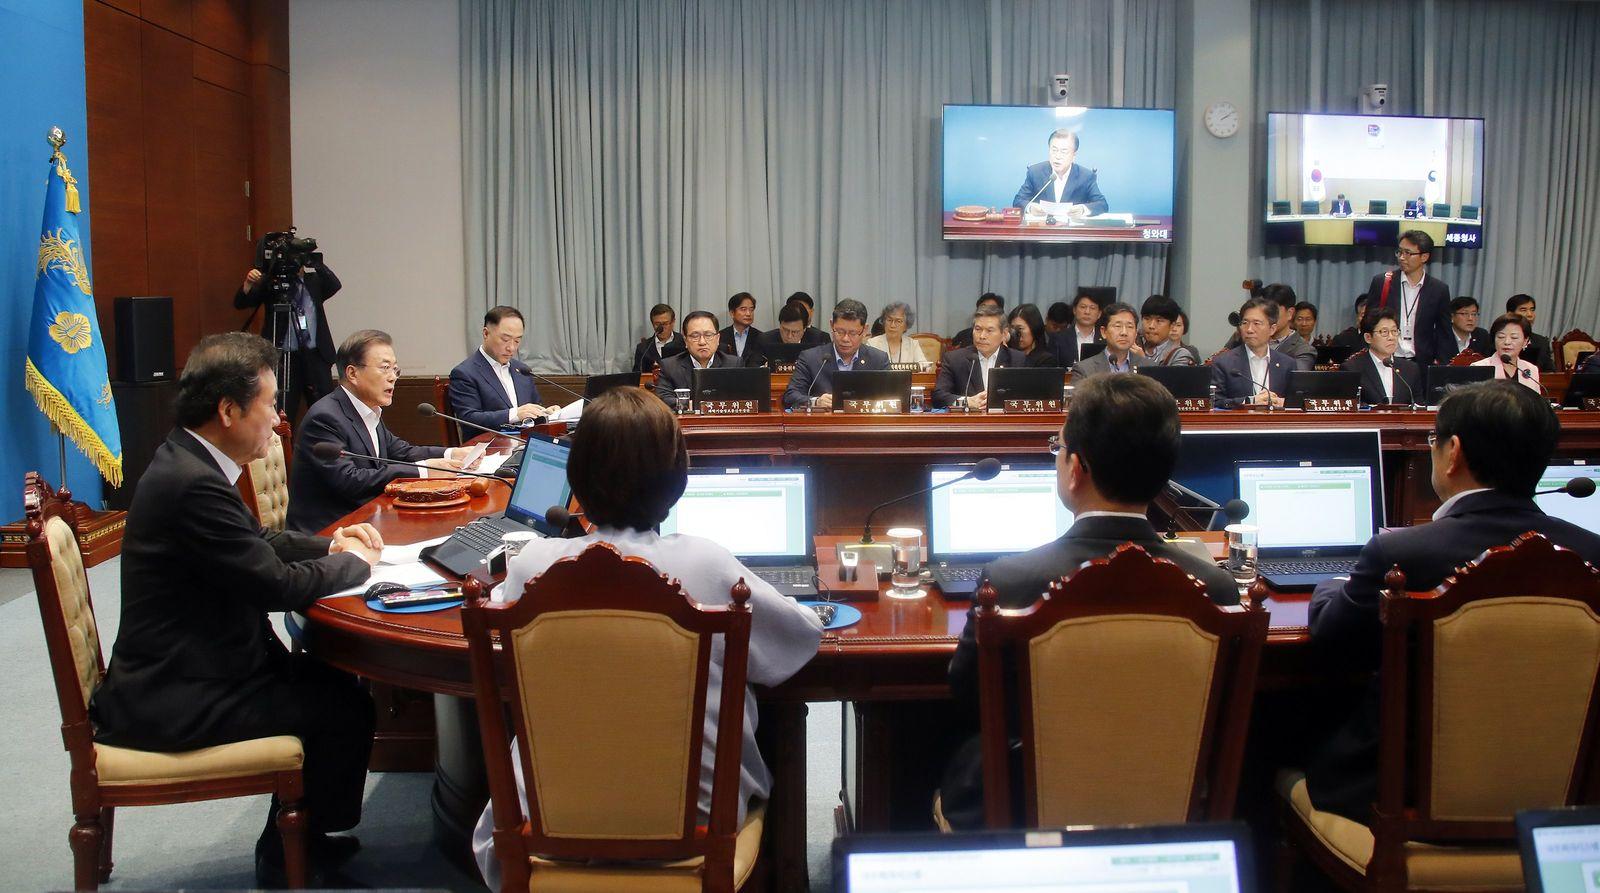 韓国の「異常な反日」は丁寧に無視するしかない 政府は「国際世論」を味方につけよ